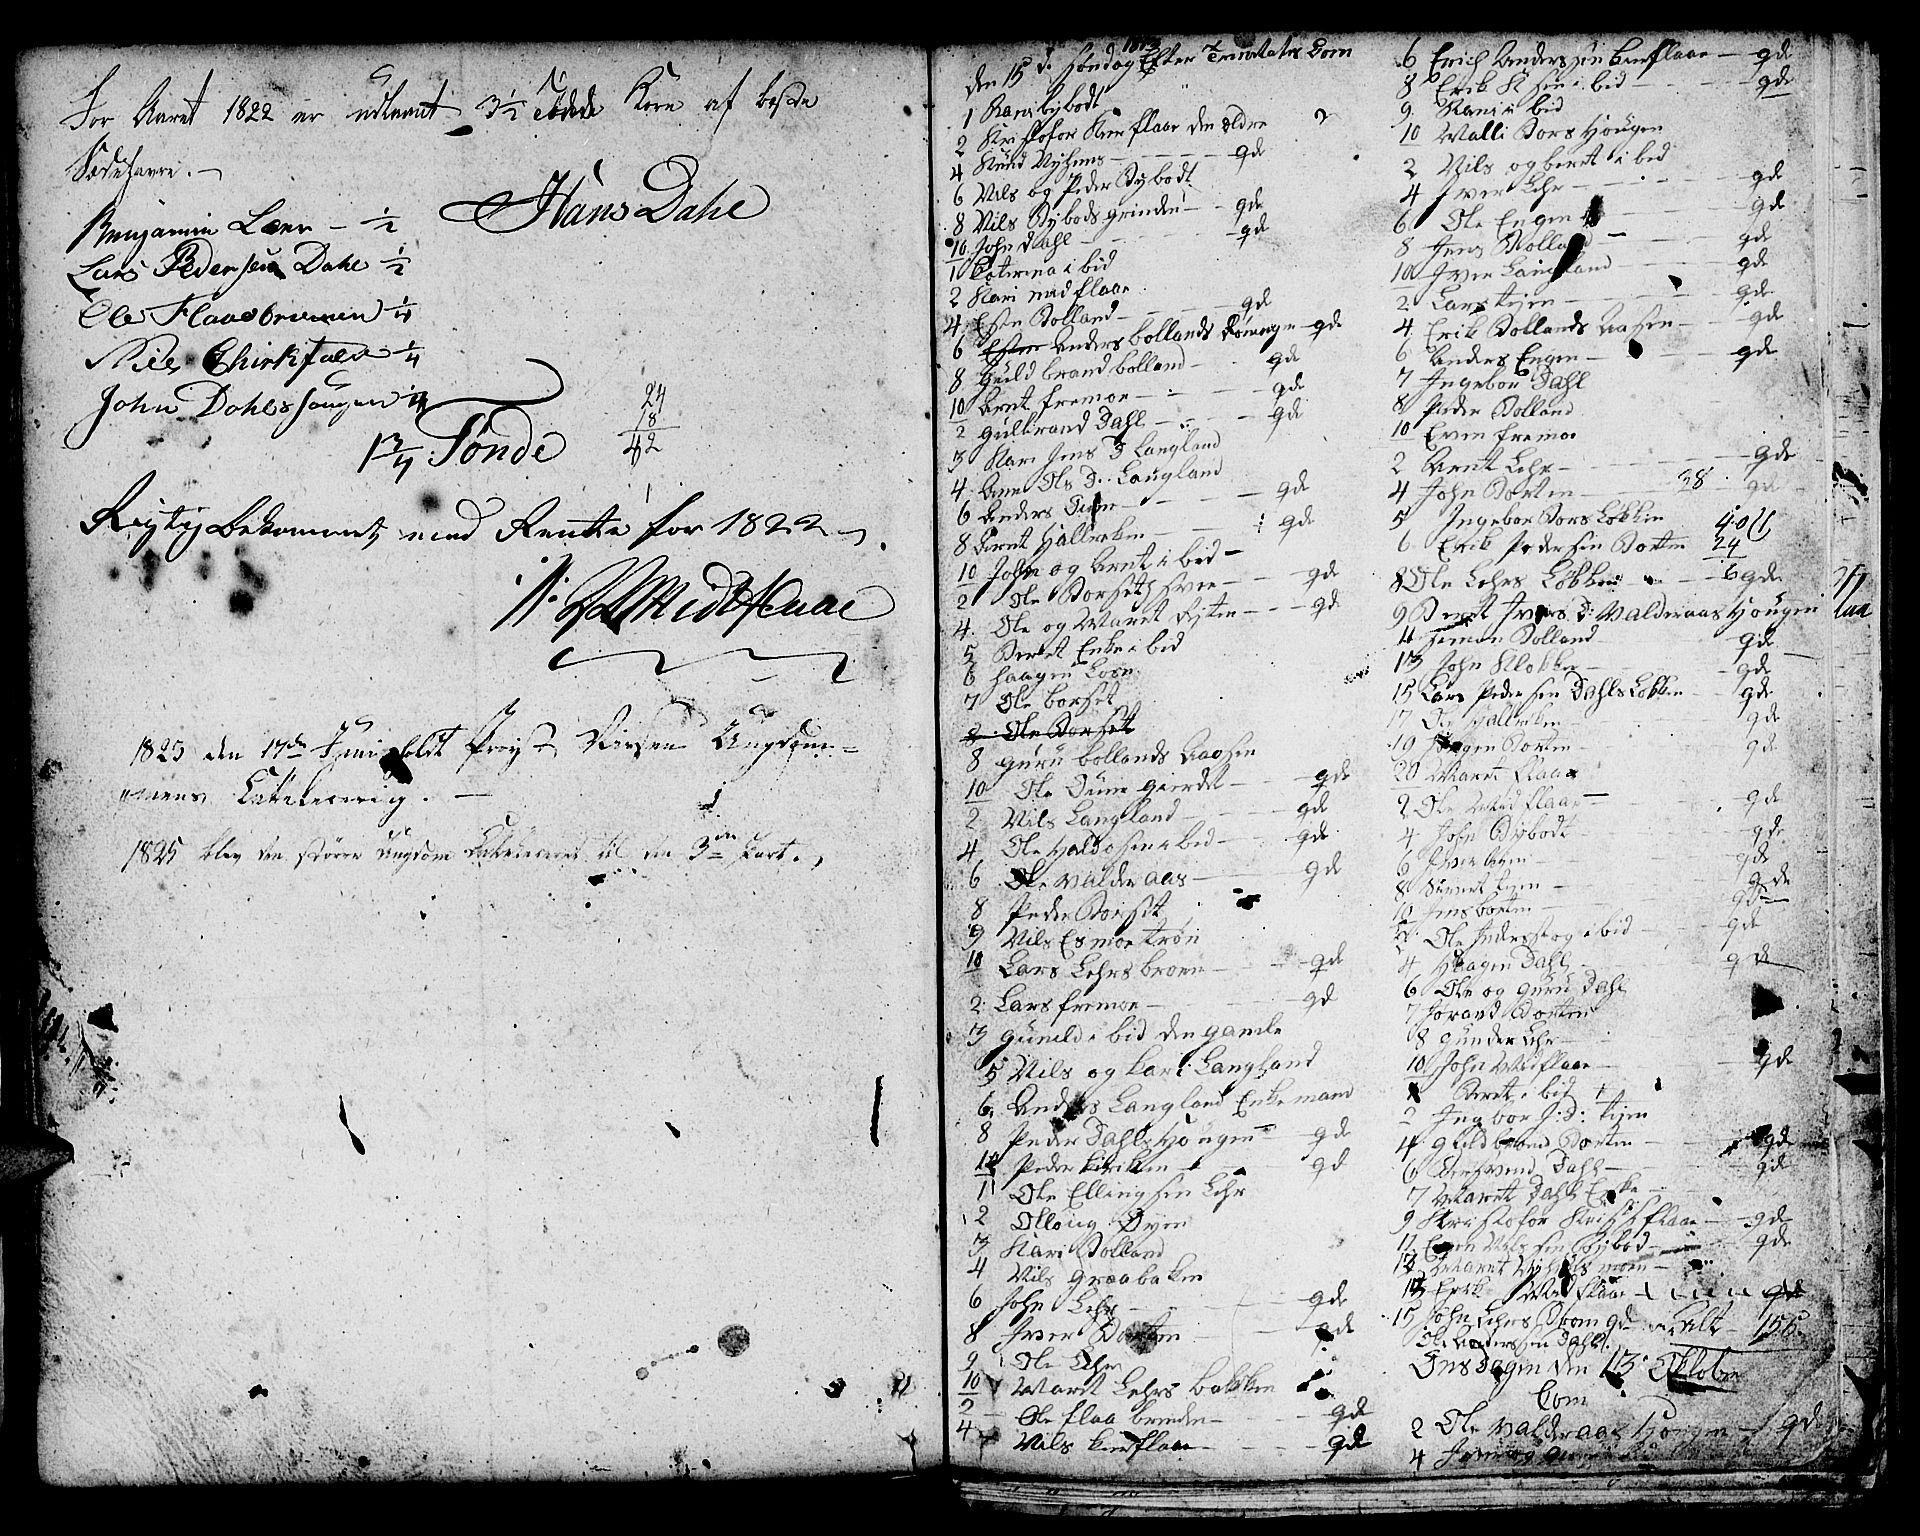 SAT, Ministerialprotokoller, klokkerbøker og fødselsregistre - Sør-Trøndelag, 693/L1120: Klokkerbok nr. 693C01, 1799-1816